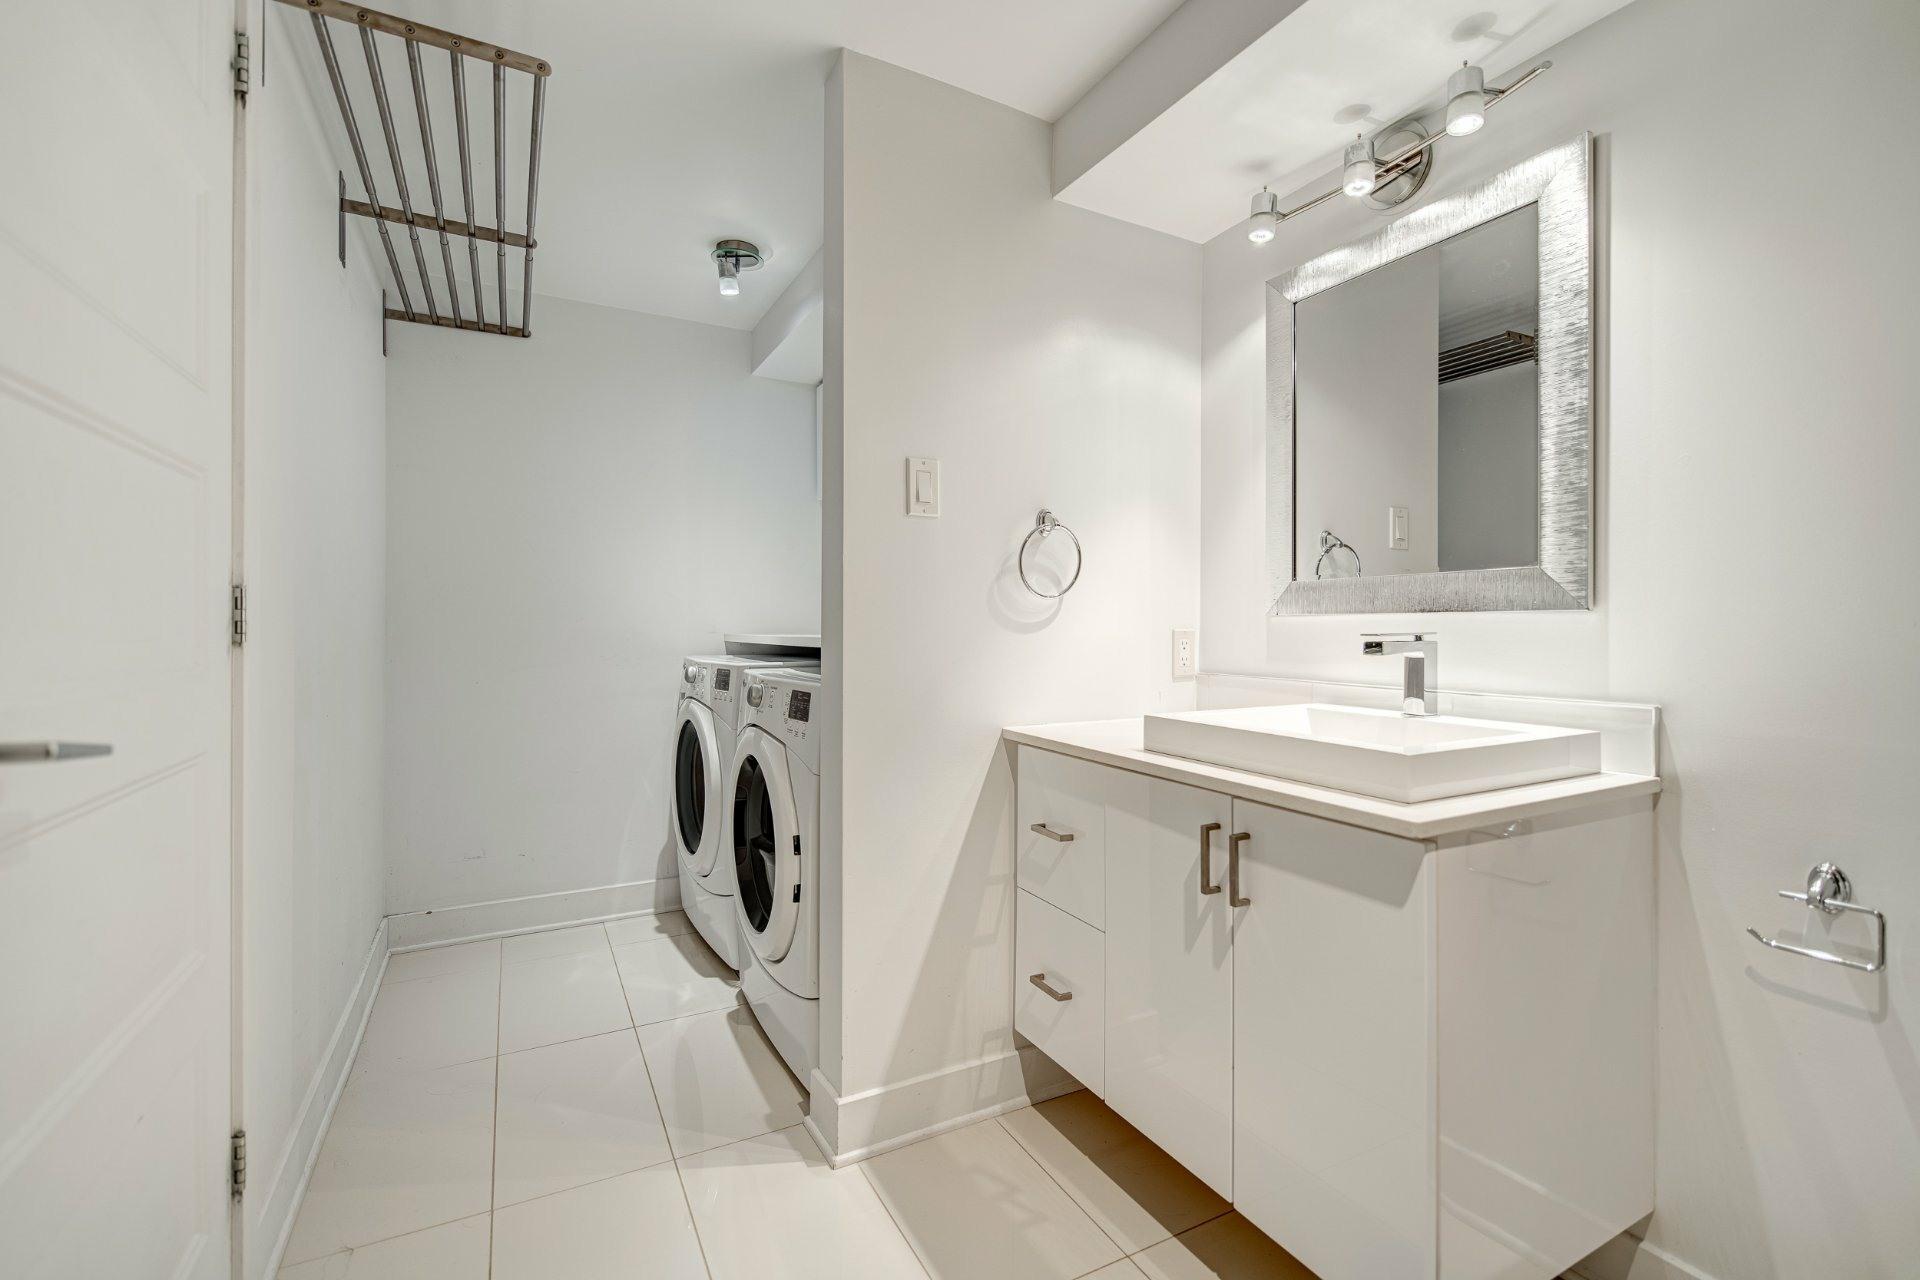 image 26 - Appartement À vendre Rosemont/La Petite-Patrie Montréal  - 6 pièces